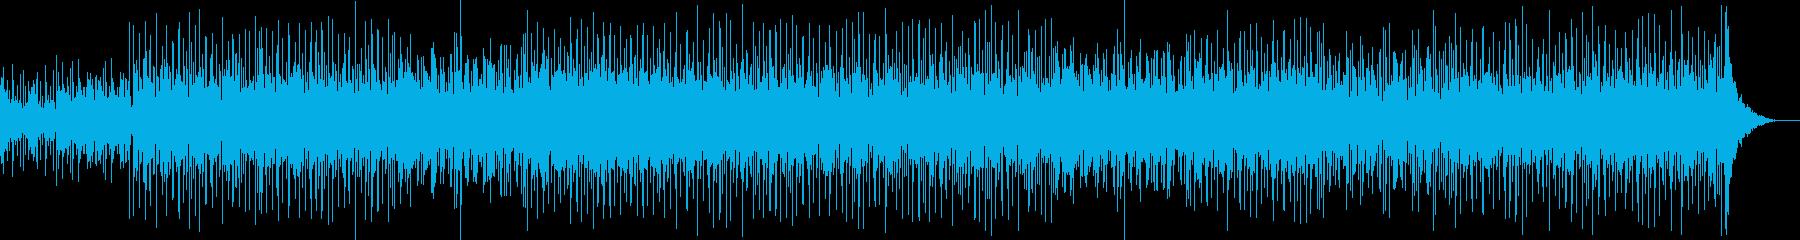 ワールドインストゥルメンタル。速い...の再生済みの波形